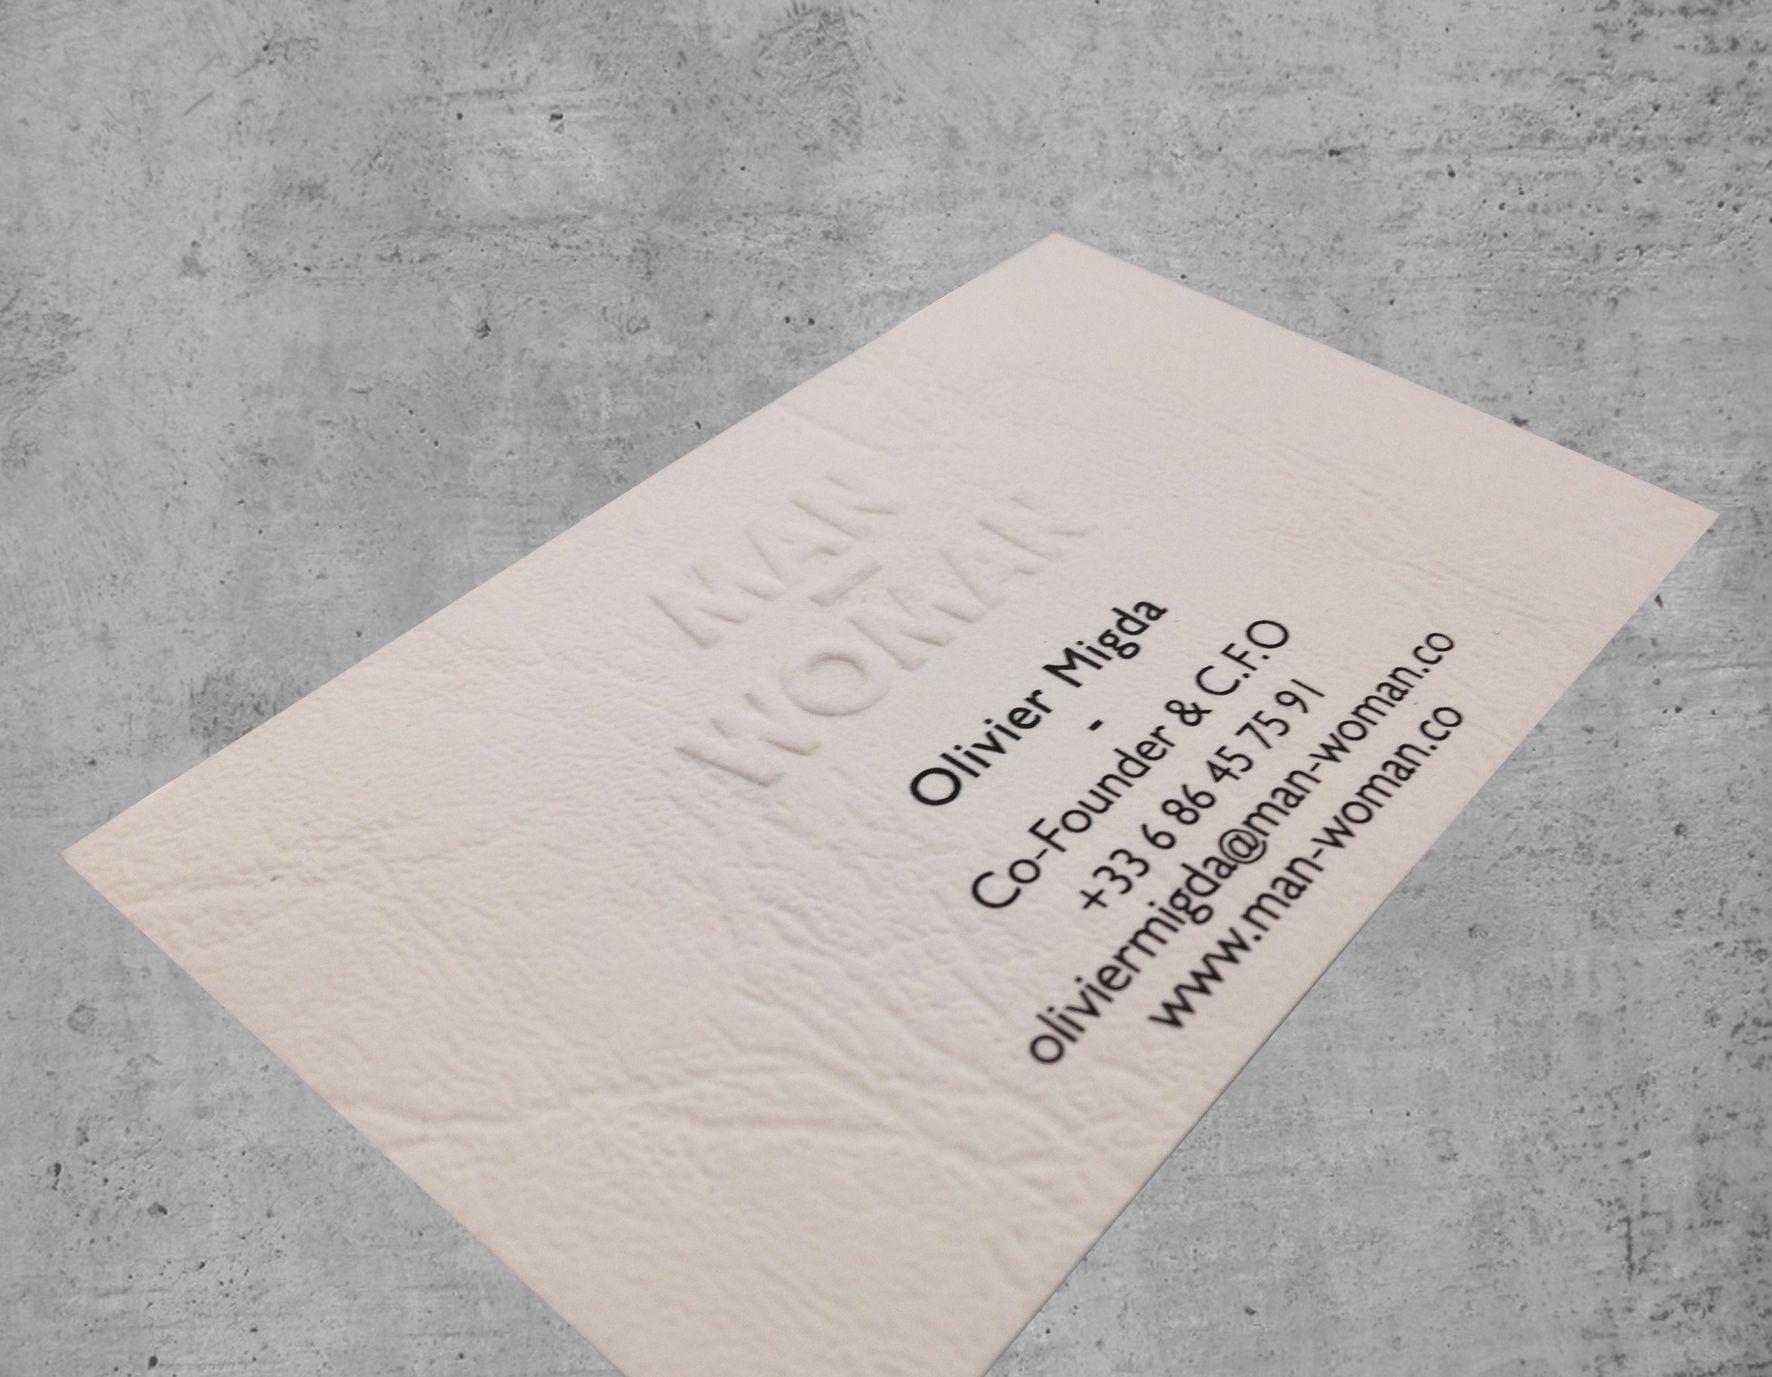 Carte De Visite Impression Noire Recto Seul Gaufrage Par Larrire Sur Papier Imitation Cuir Blanc Cass Amalgame Plusieurs Sries En Offset Pour